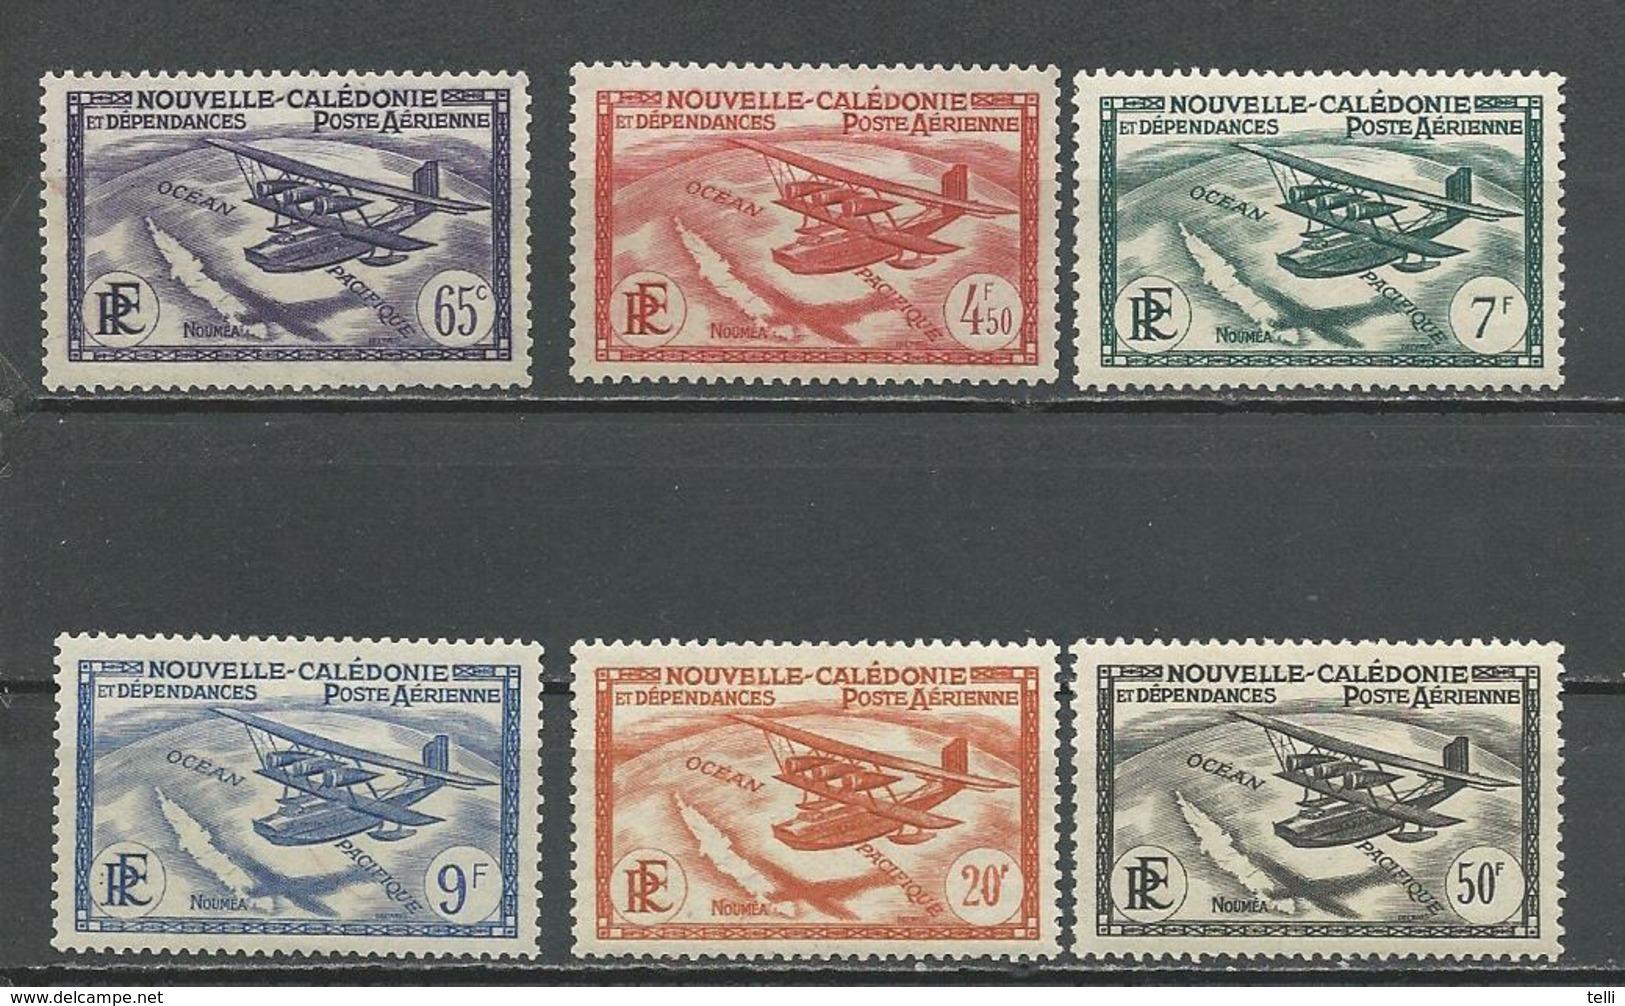 NLLE CALÉDONIE Scott C1-C6 Yvert PA29-PA34 (6) *VLH Cote 10,00 $ 1938 - Nouvelle-Calédonie